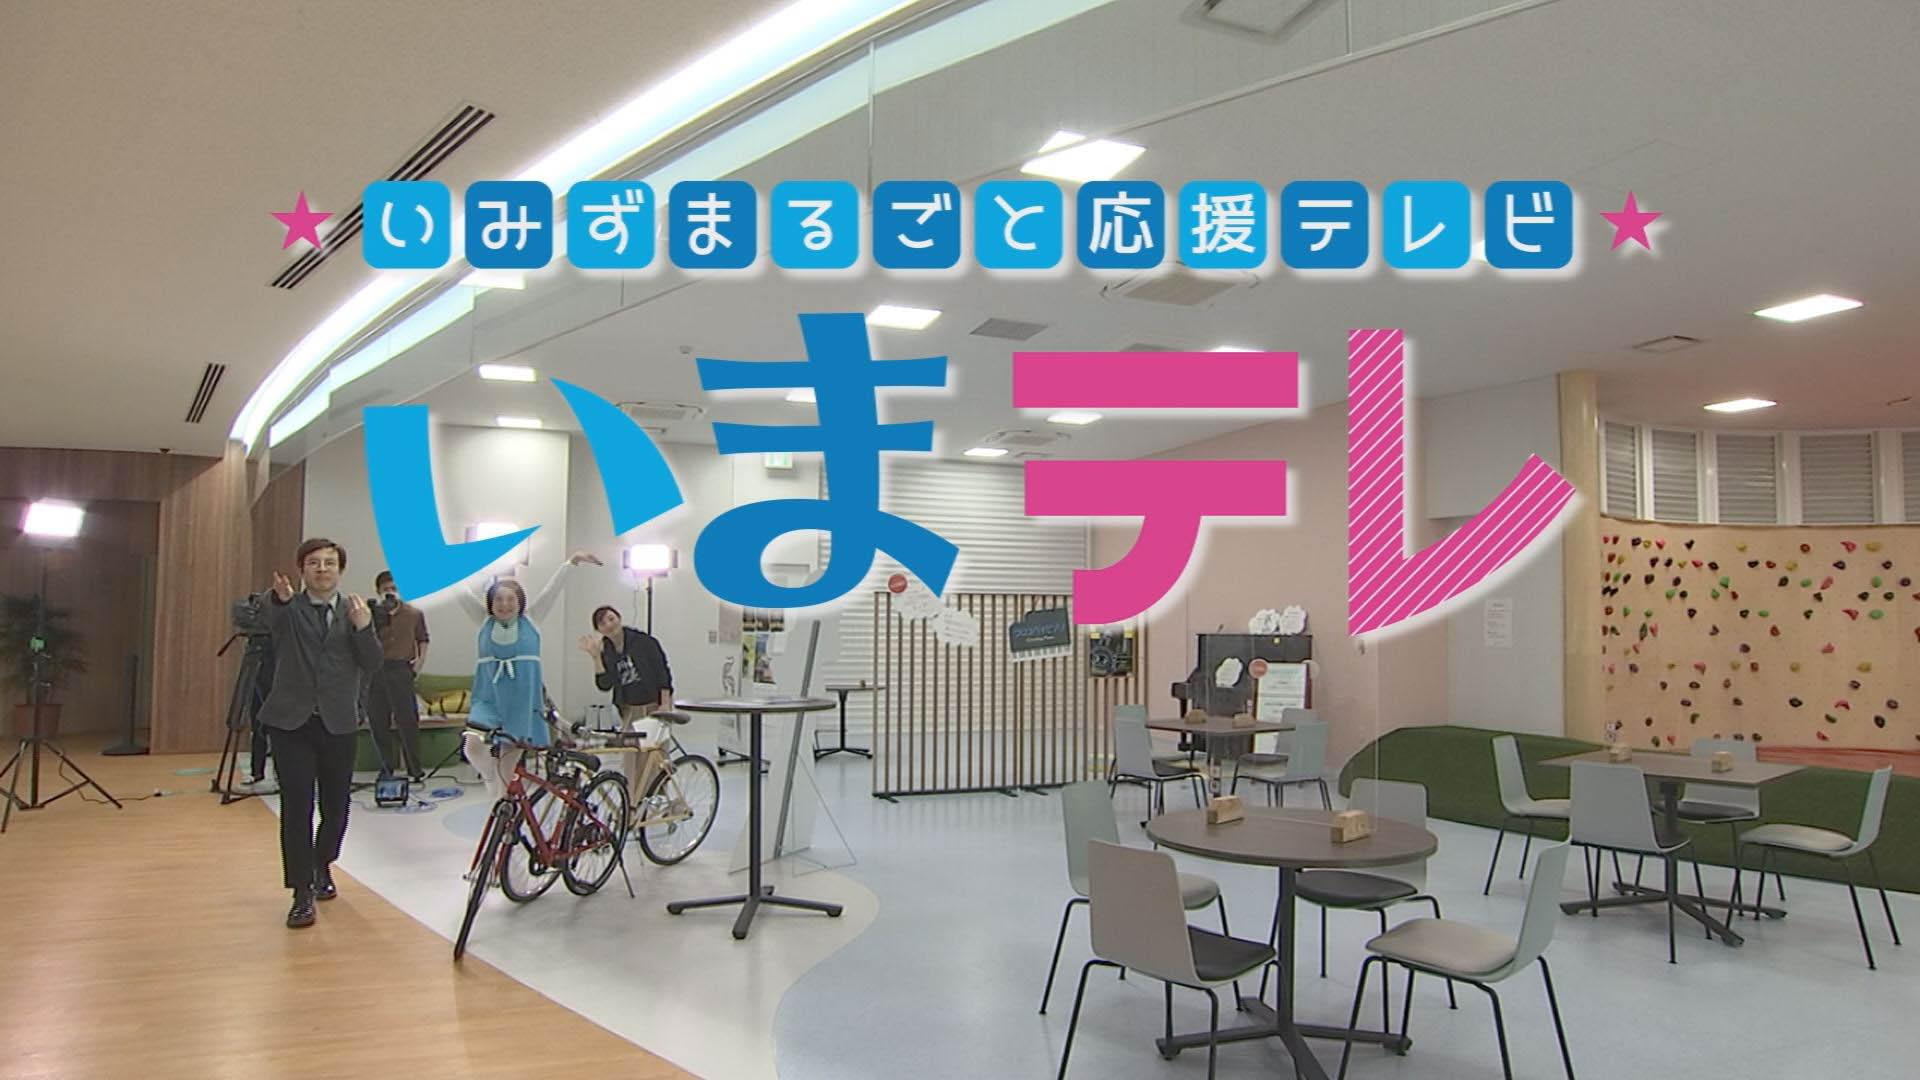 いみずまるごと応援テレビ「いま☆テレ」